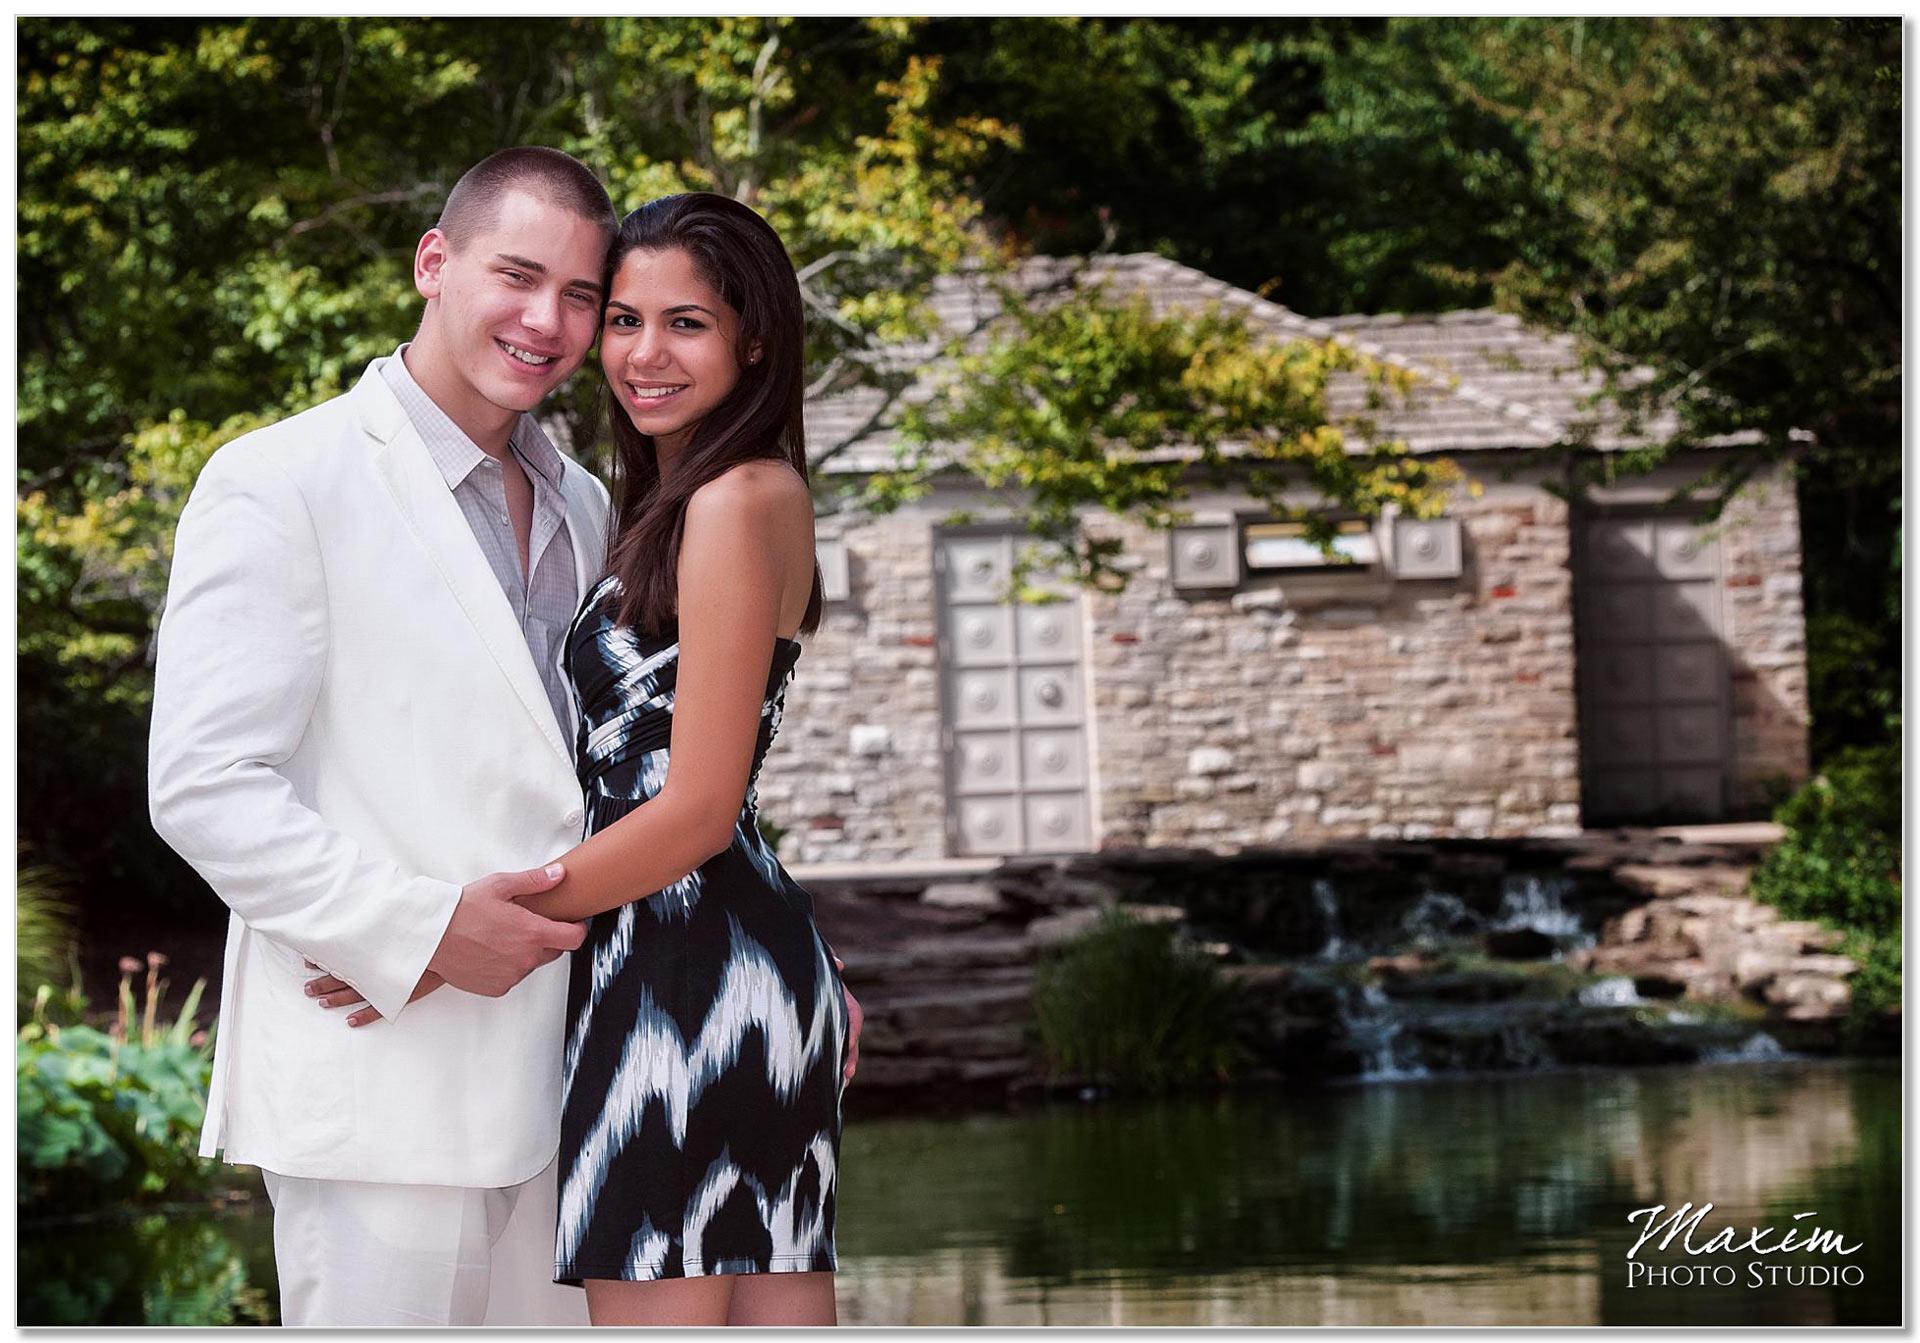 Eden Park Cincinnati Engagement couple